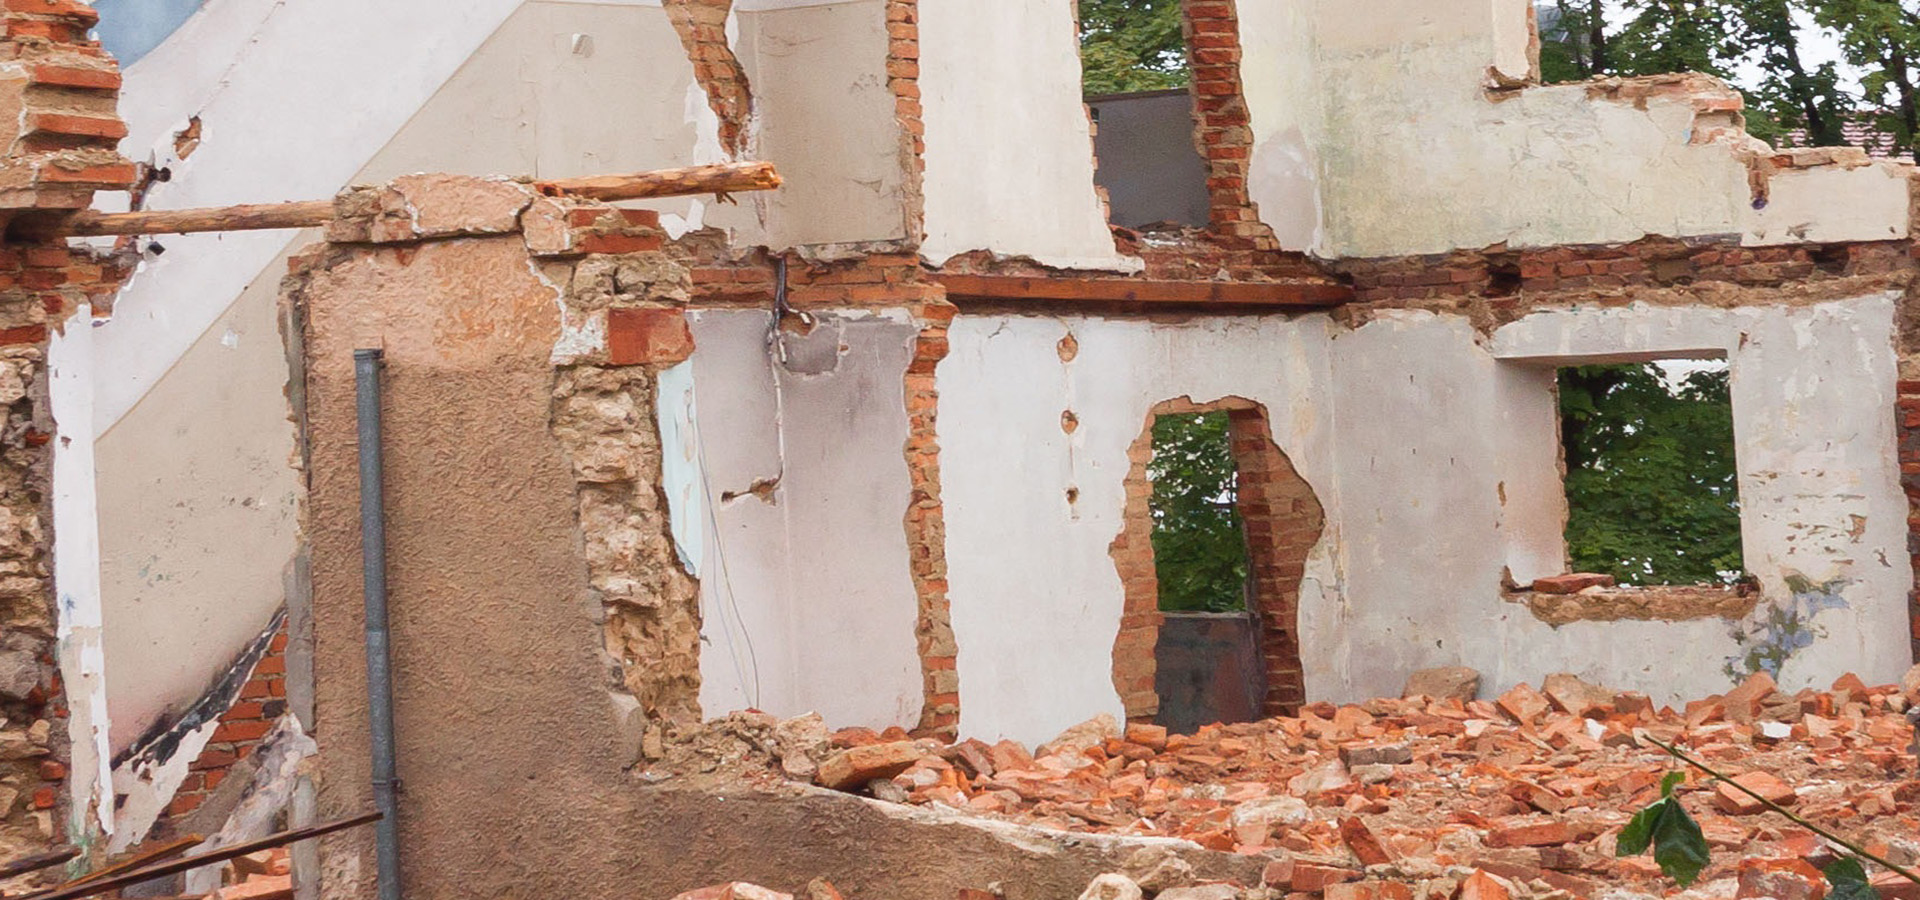 Affald tegl, murbrokker fjernes med grab af vognmand